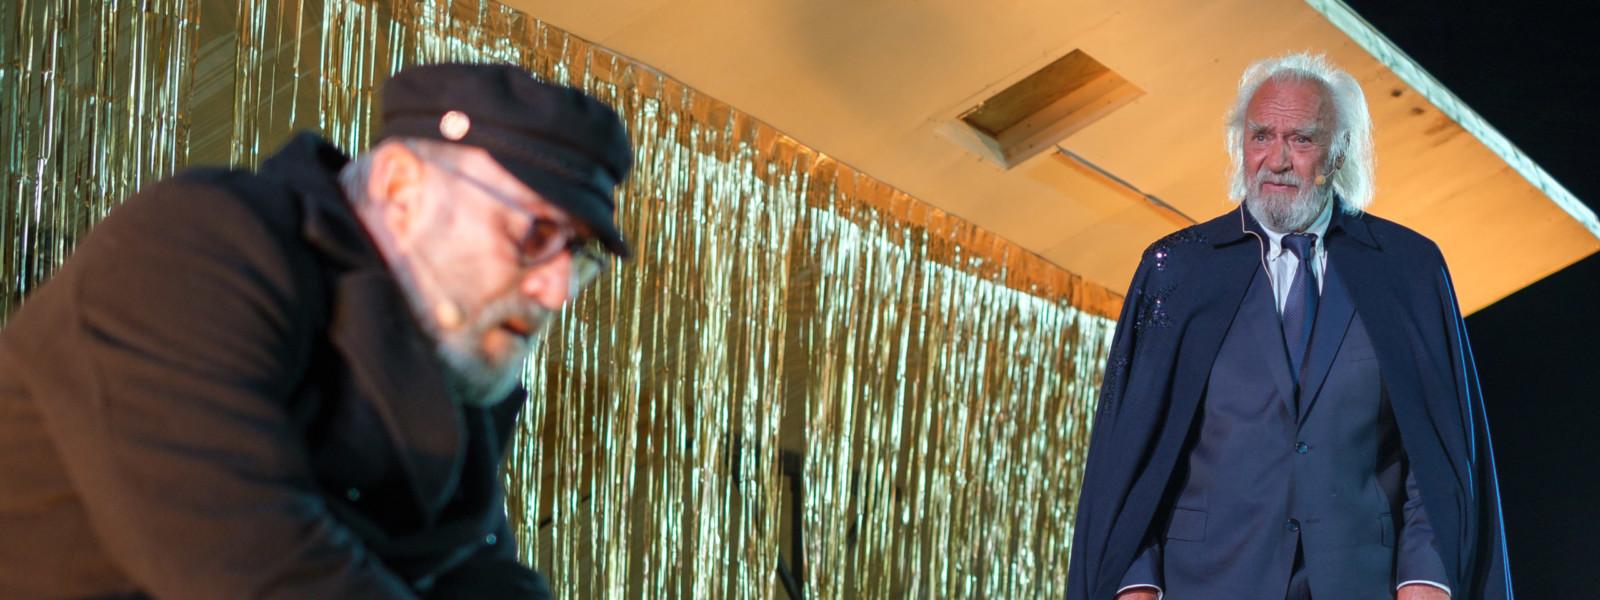 """2. Hauptprobe von """"Es ist noch nicht soweit"""", ein Stück von Sören Hornung. Foto: @Frank Drechsler Abdruck frei für Berichterstattung im Zusammenhang mit dem Festival Theaternatur2020. (Special Instructions)"""